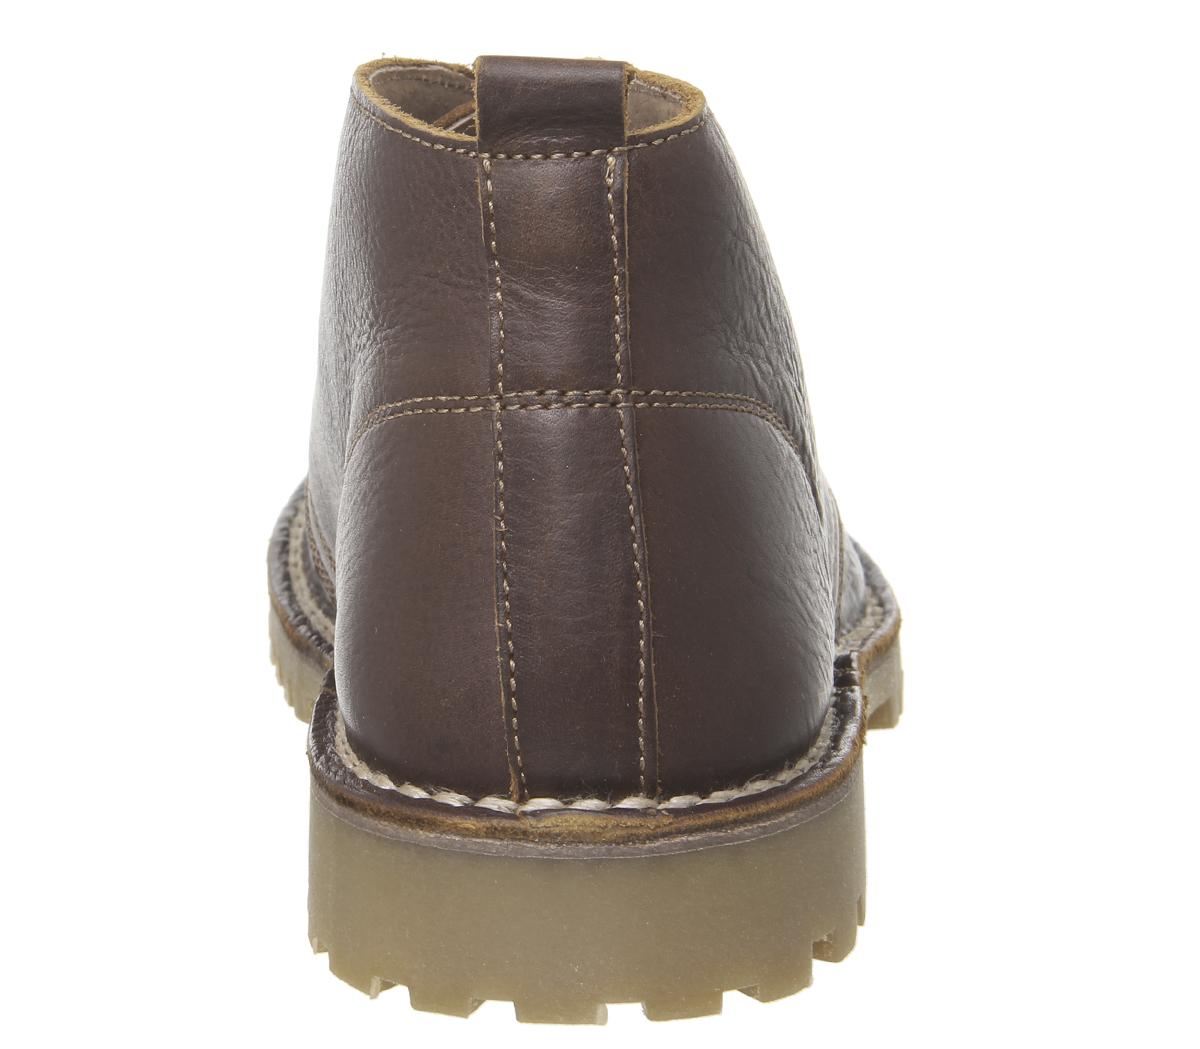 Da Uomo Ufficio Impala Desert stivali stivali stivali Tan Stivali in Pelle | Qualità Eccellente  | Gentiluomo/Signora Scarpa  bb6992